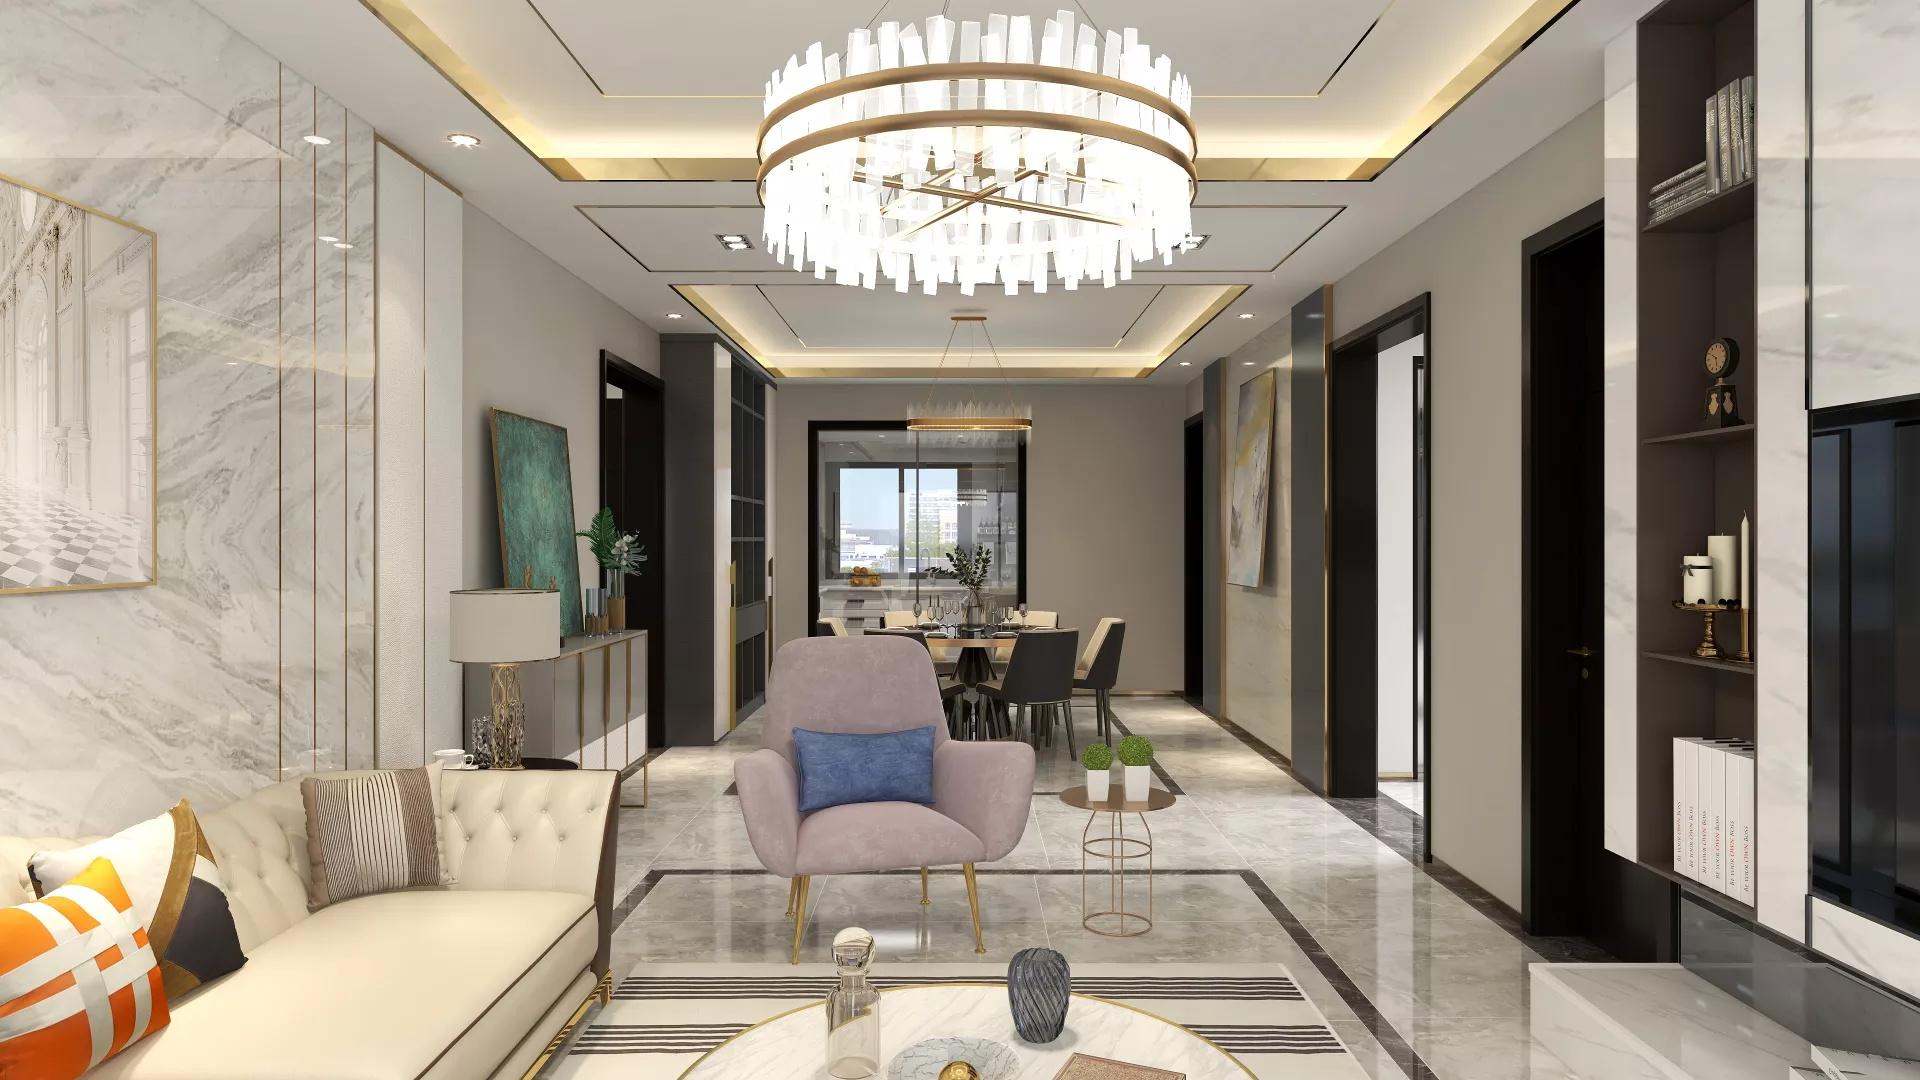 客厅如何装修才合理 客厅装修技巧有哪些